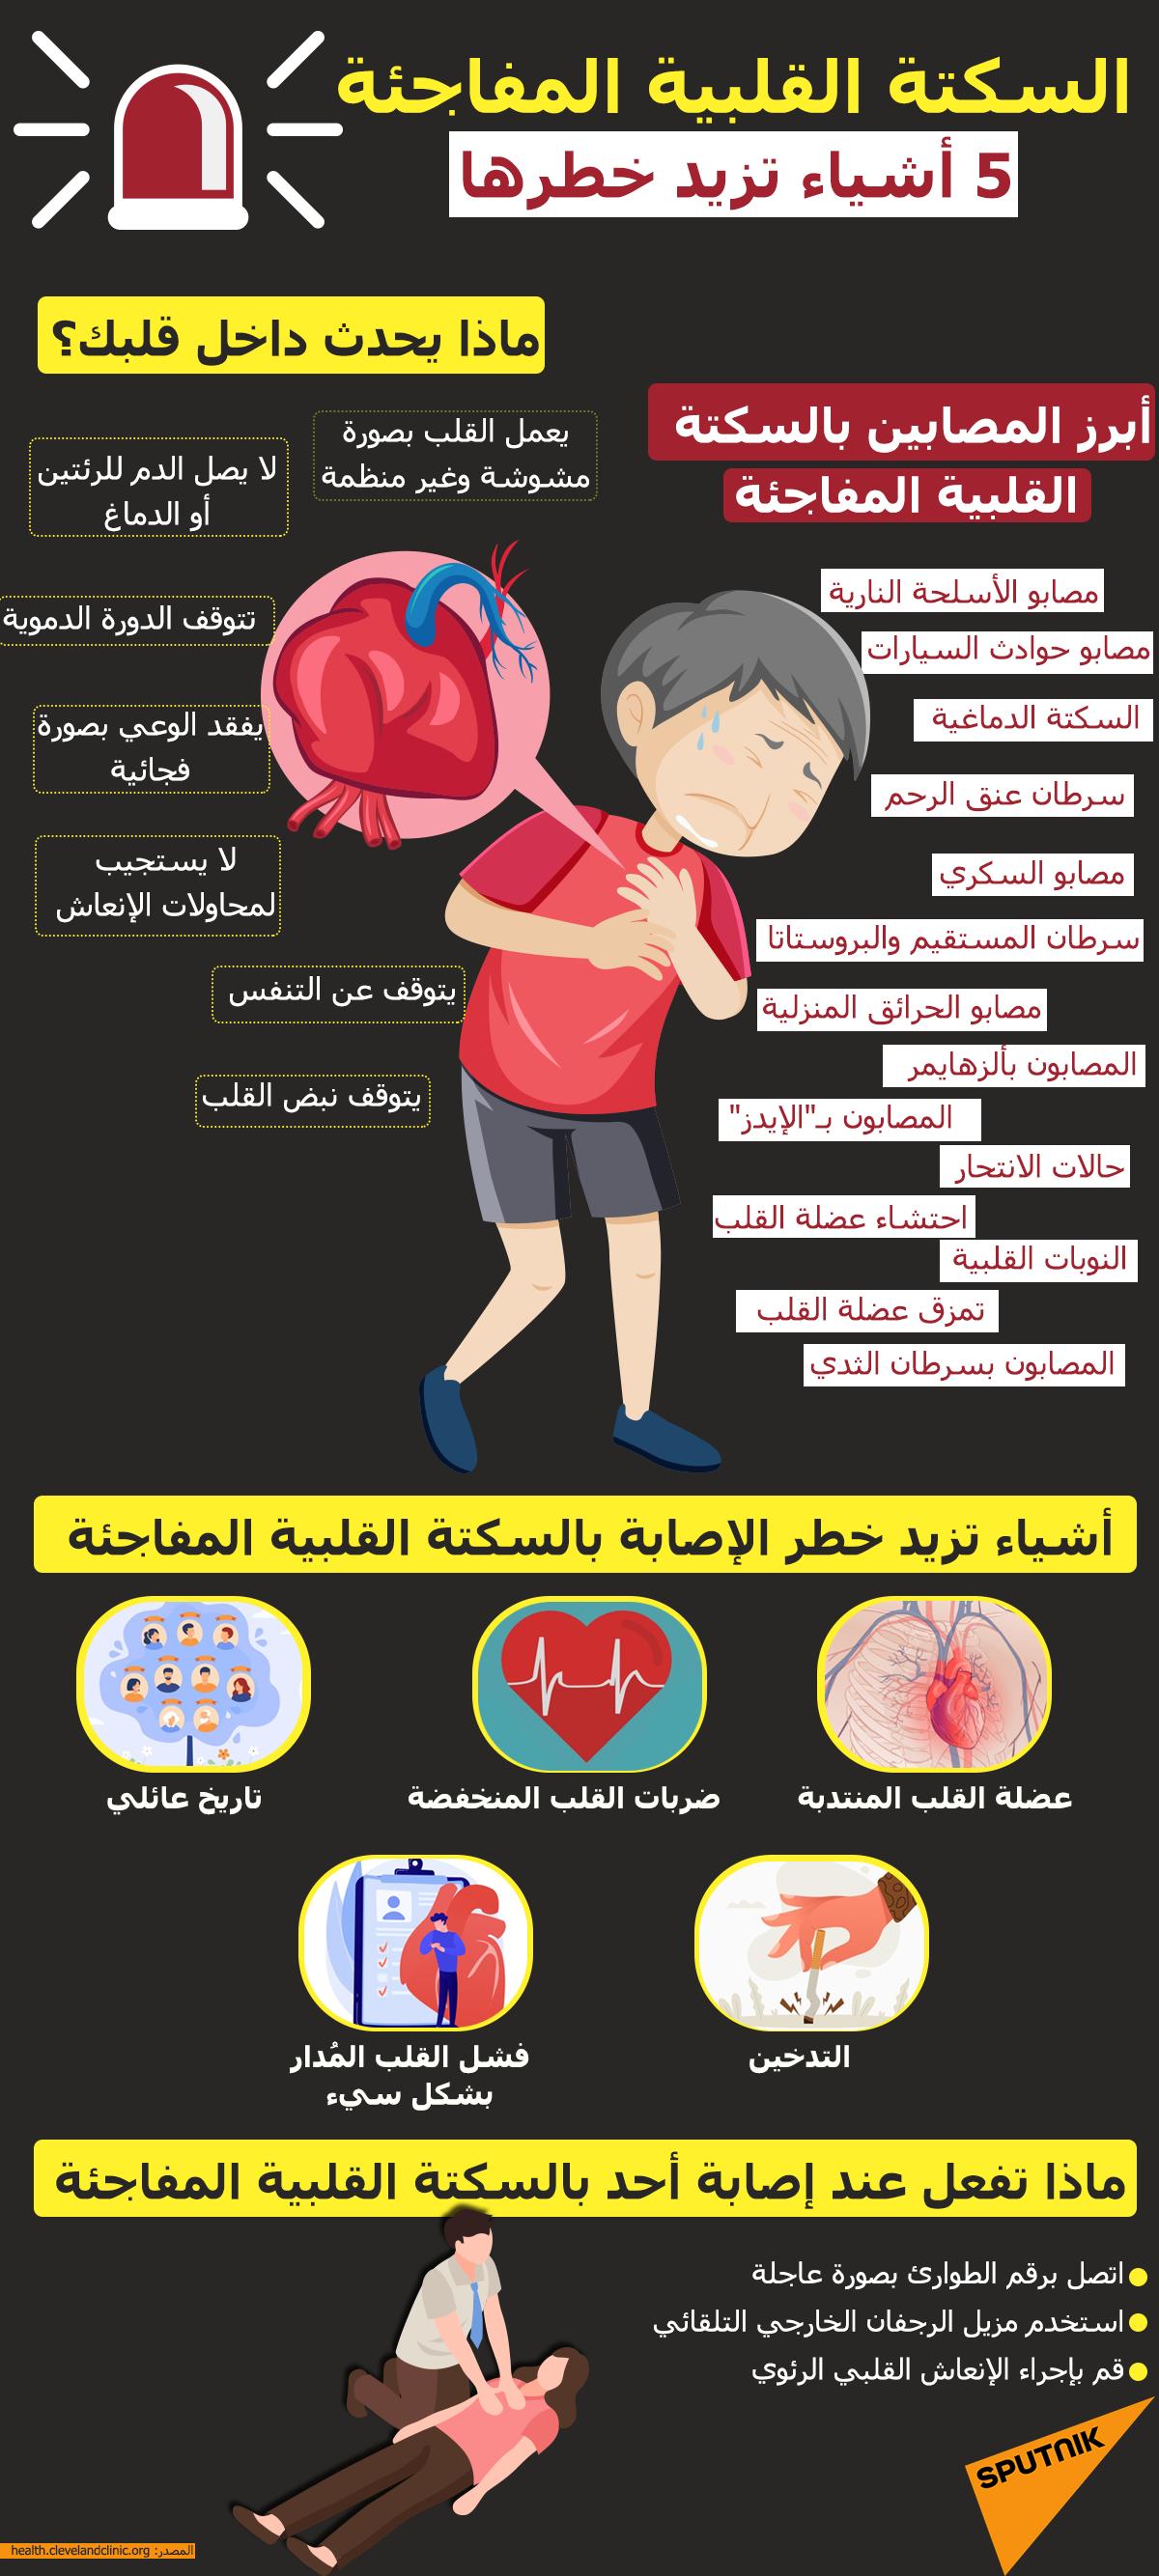 السكتة القلبية المفاجئة